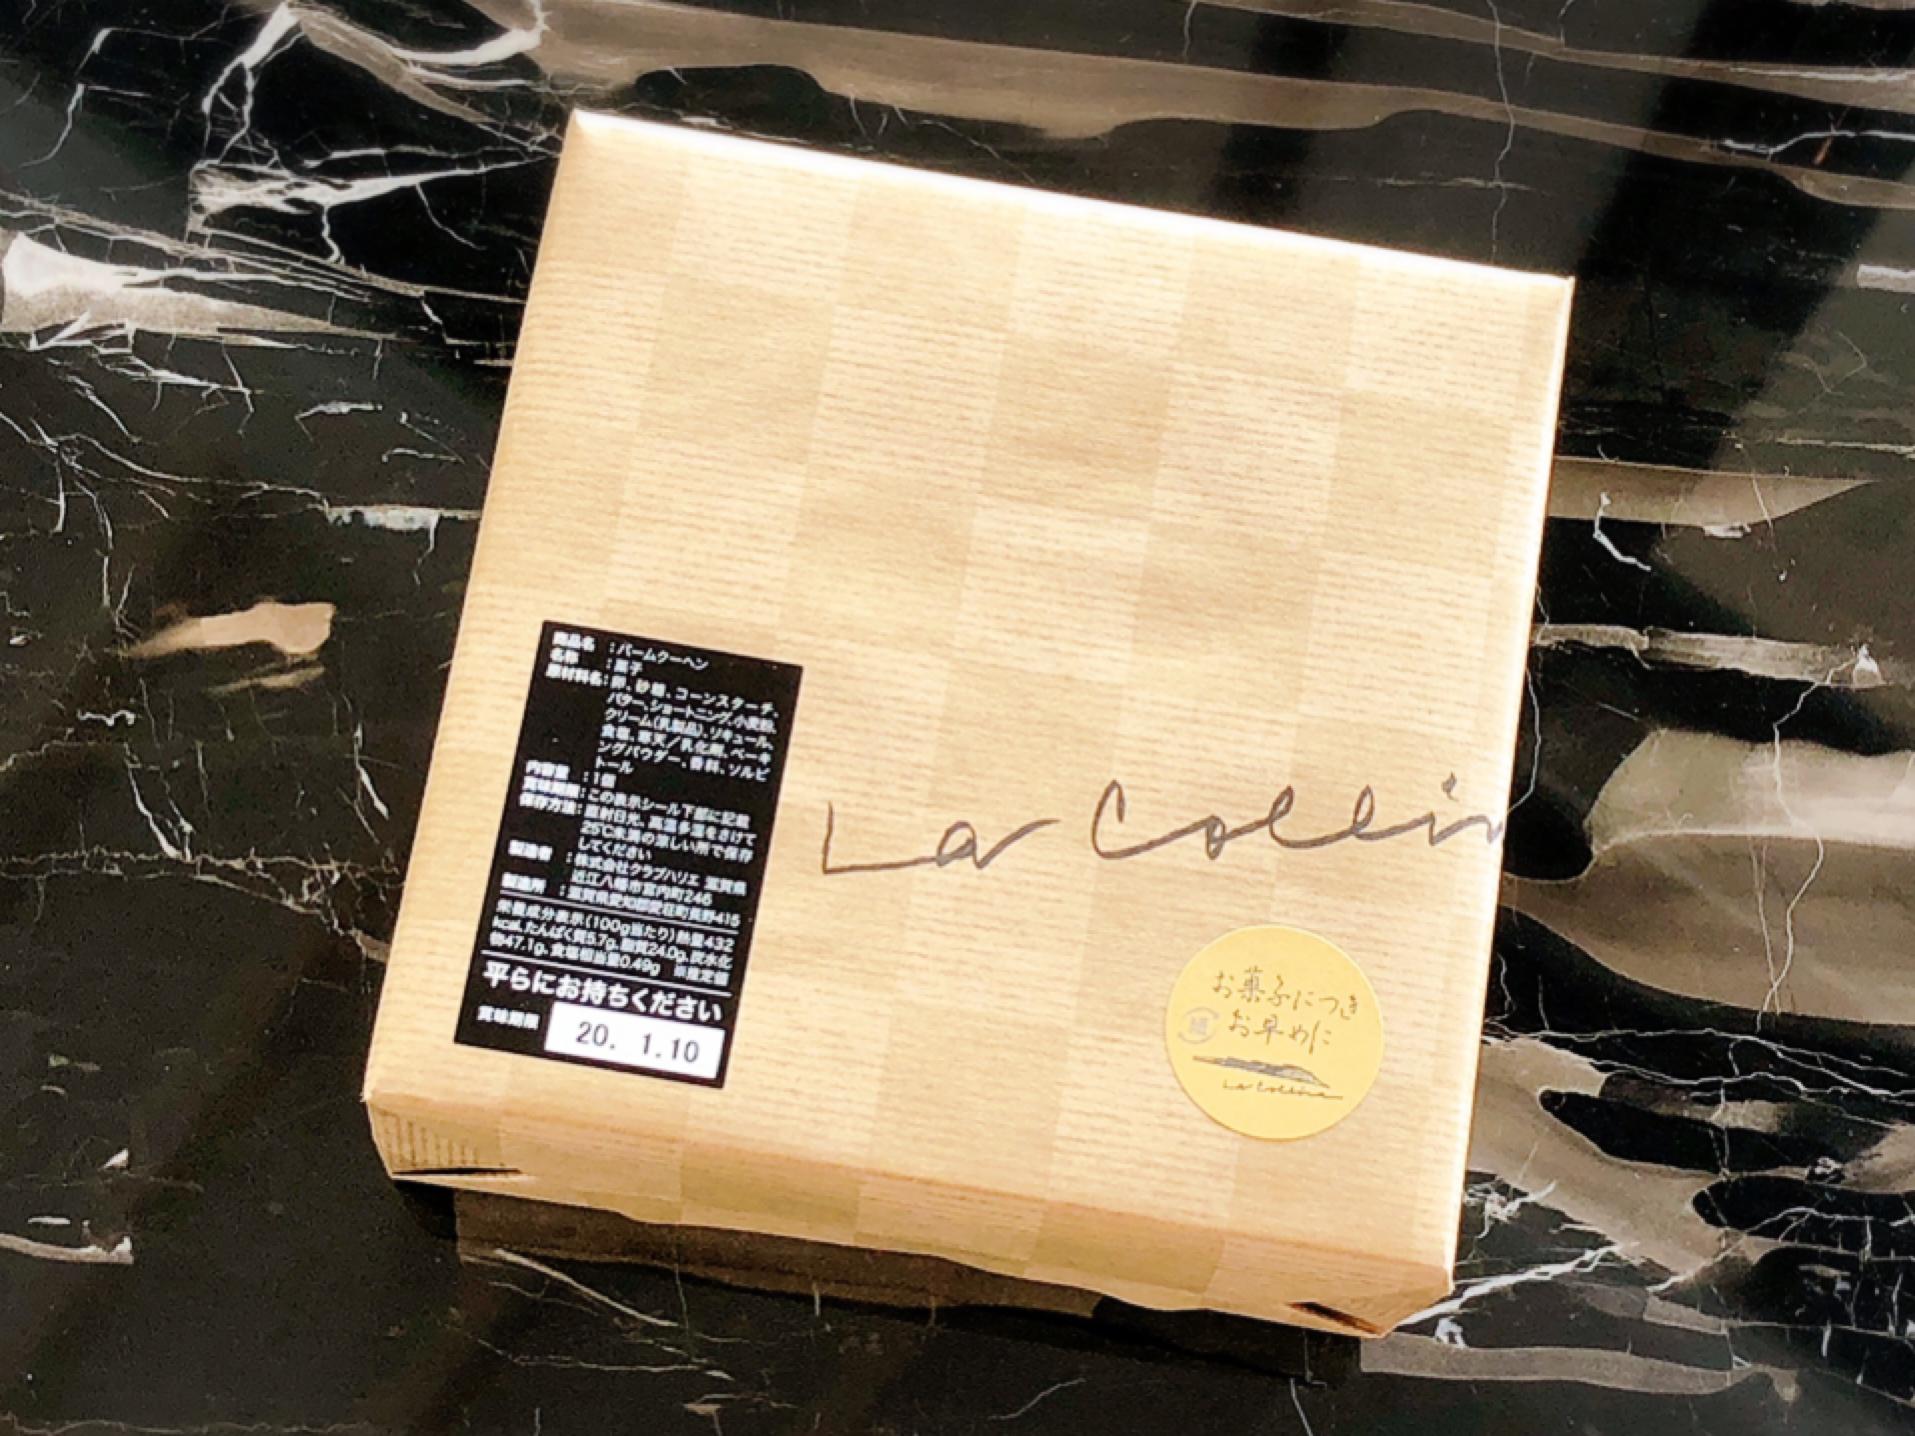 【クラブハリエ】#滋賀県 ふんわり生どら焼きが美味!可愛いバームクーヘン型ポーチの中にはパイが(*´꒳`*)_5